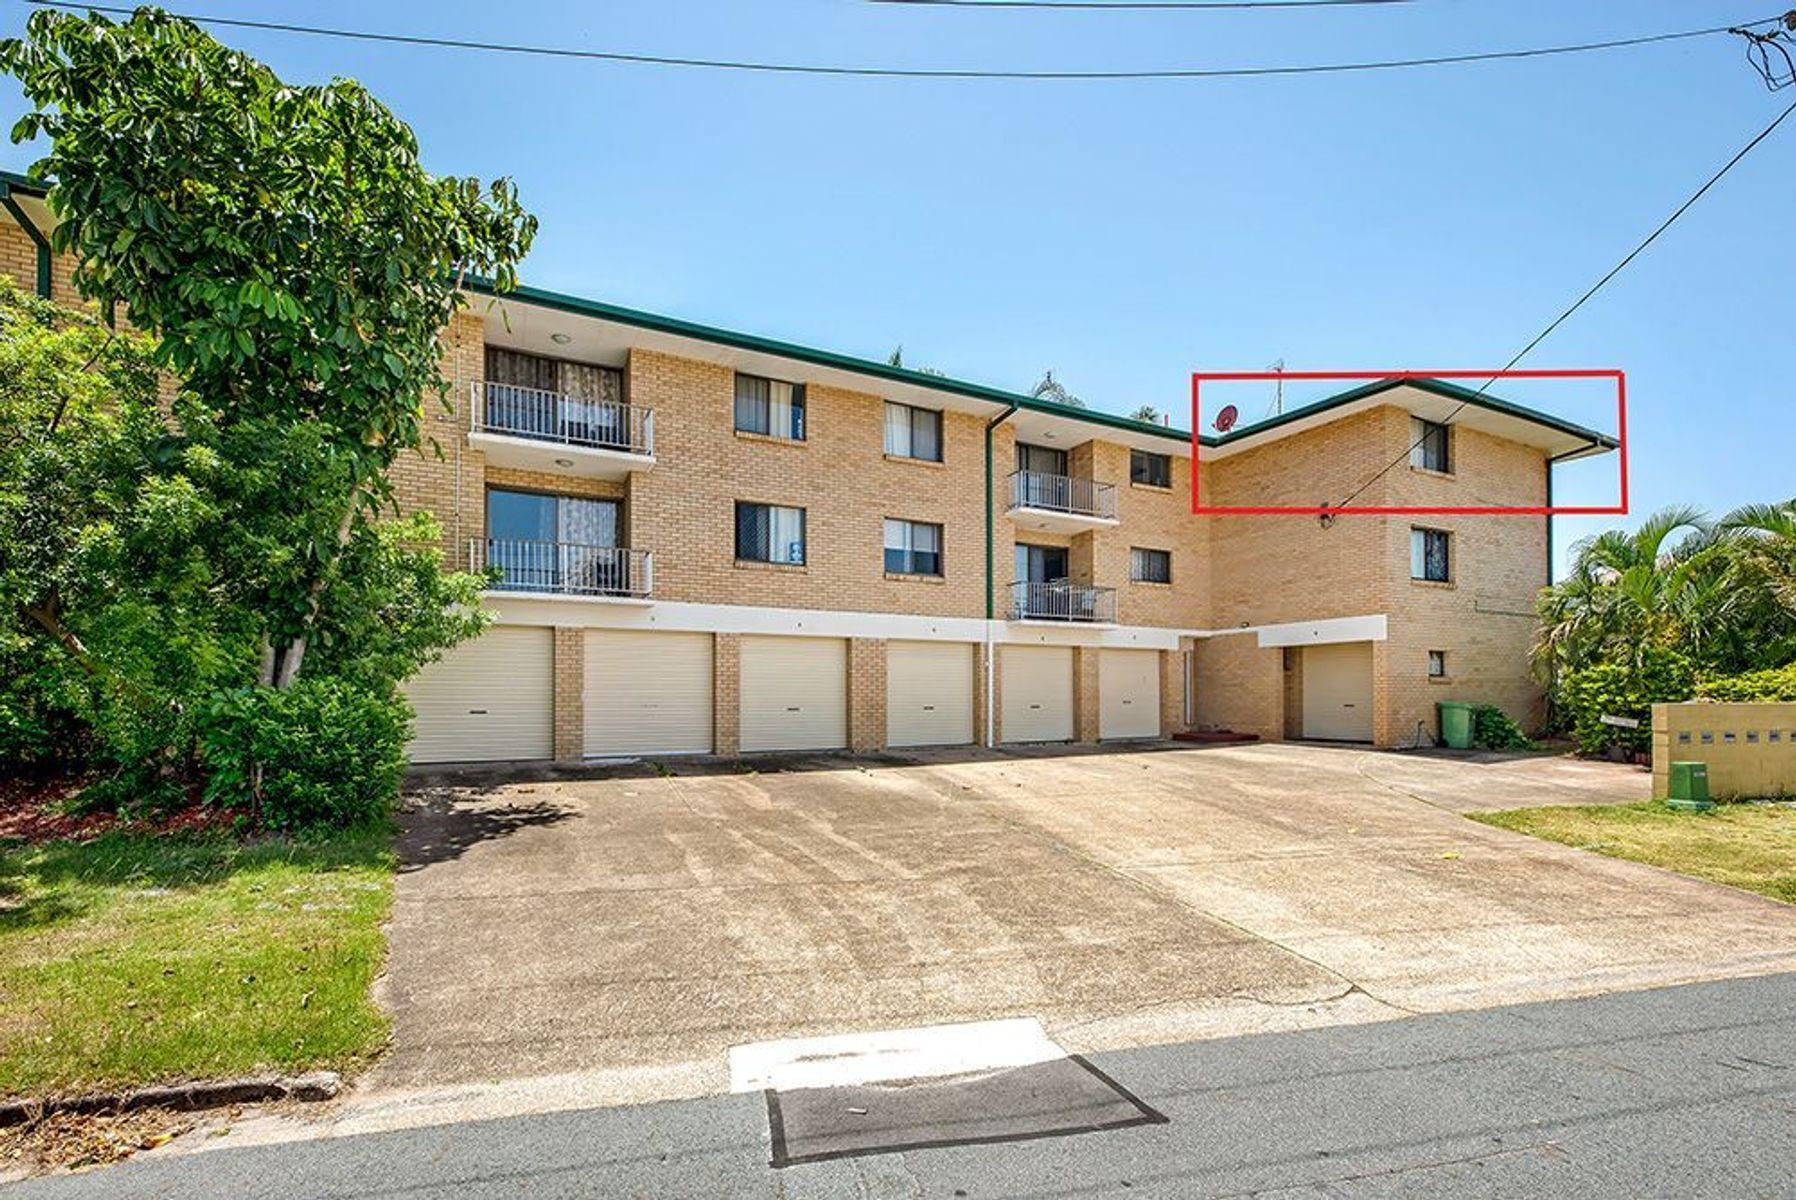 5/1 Hunter Avenue, Labrador, QLD 4215